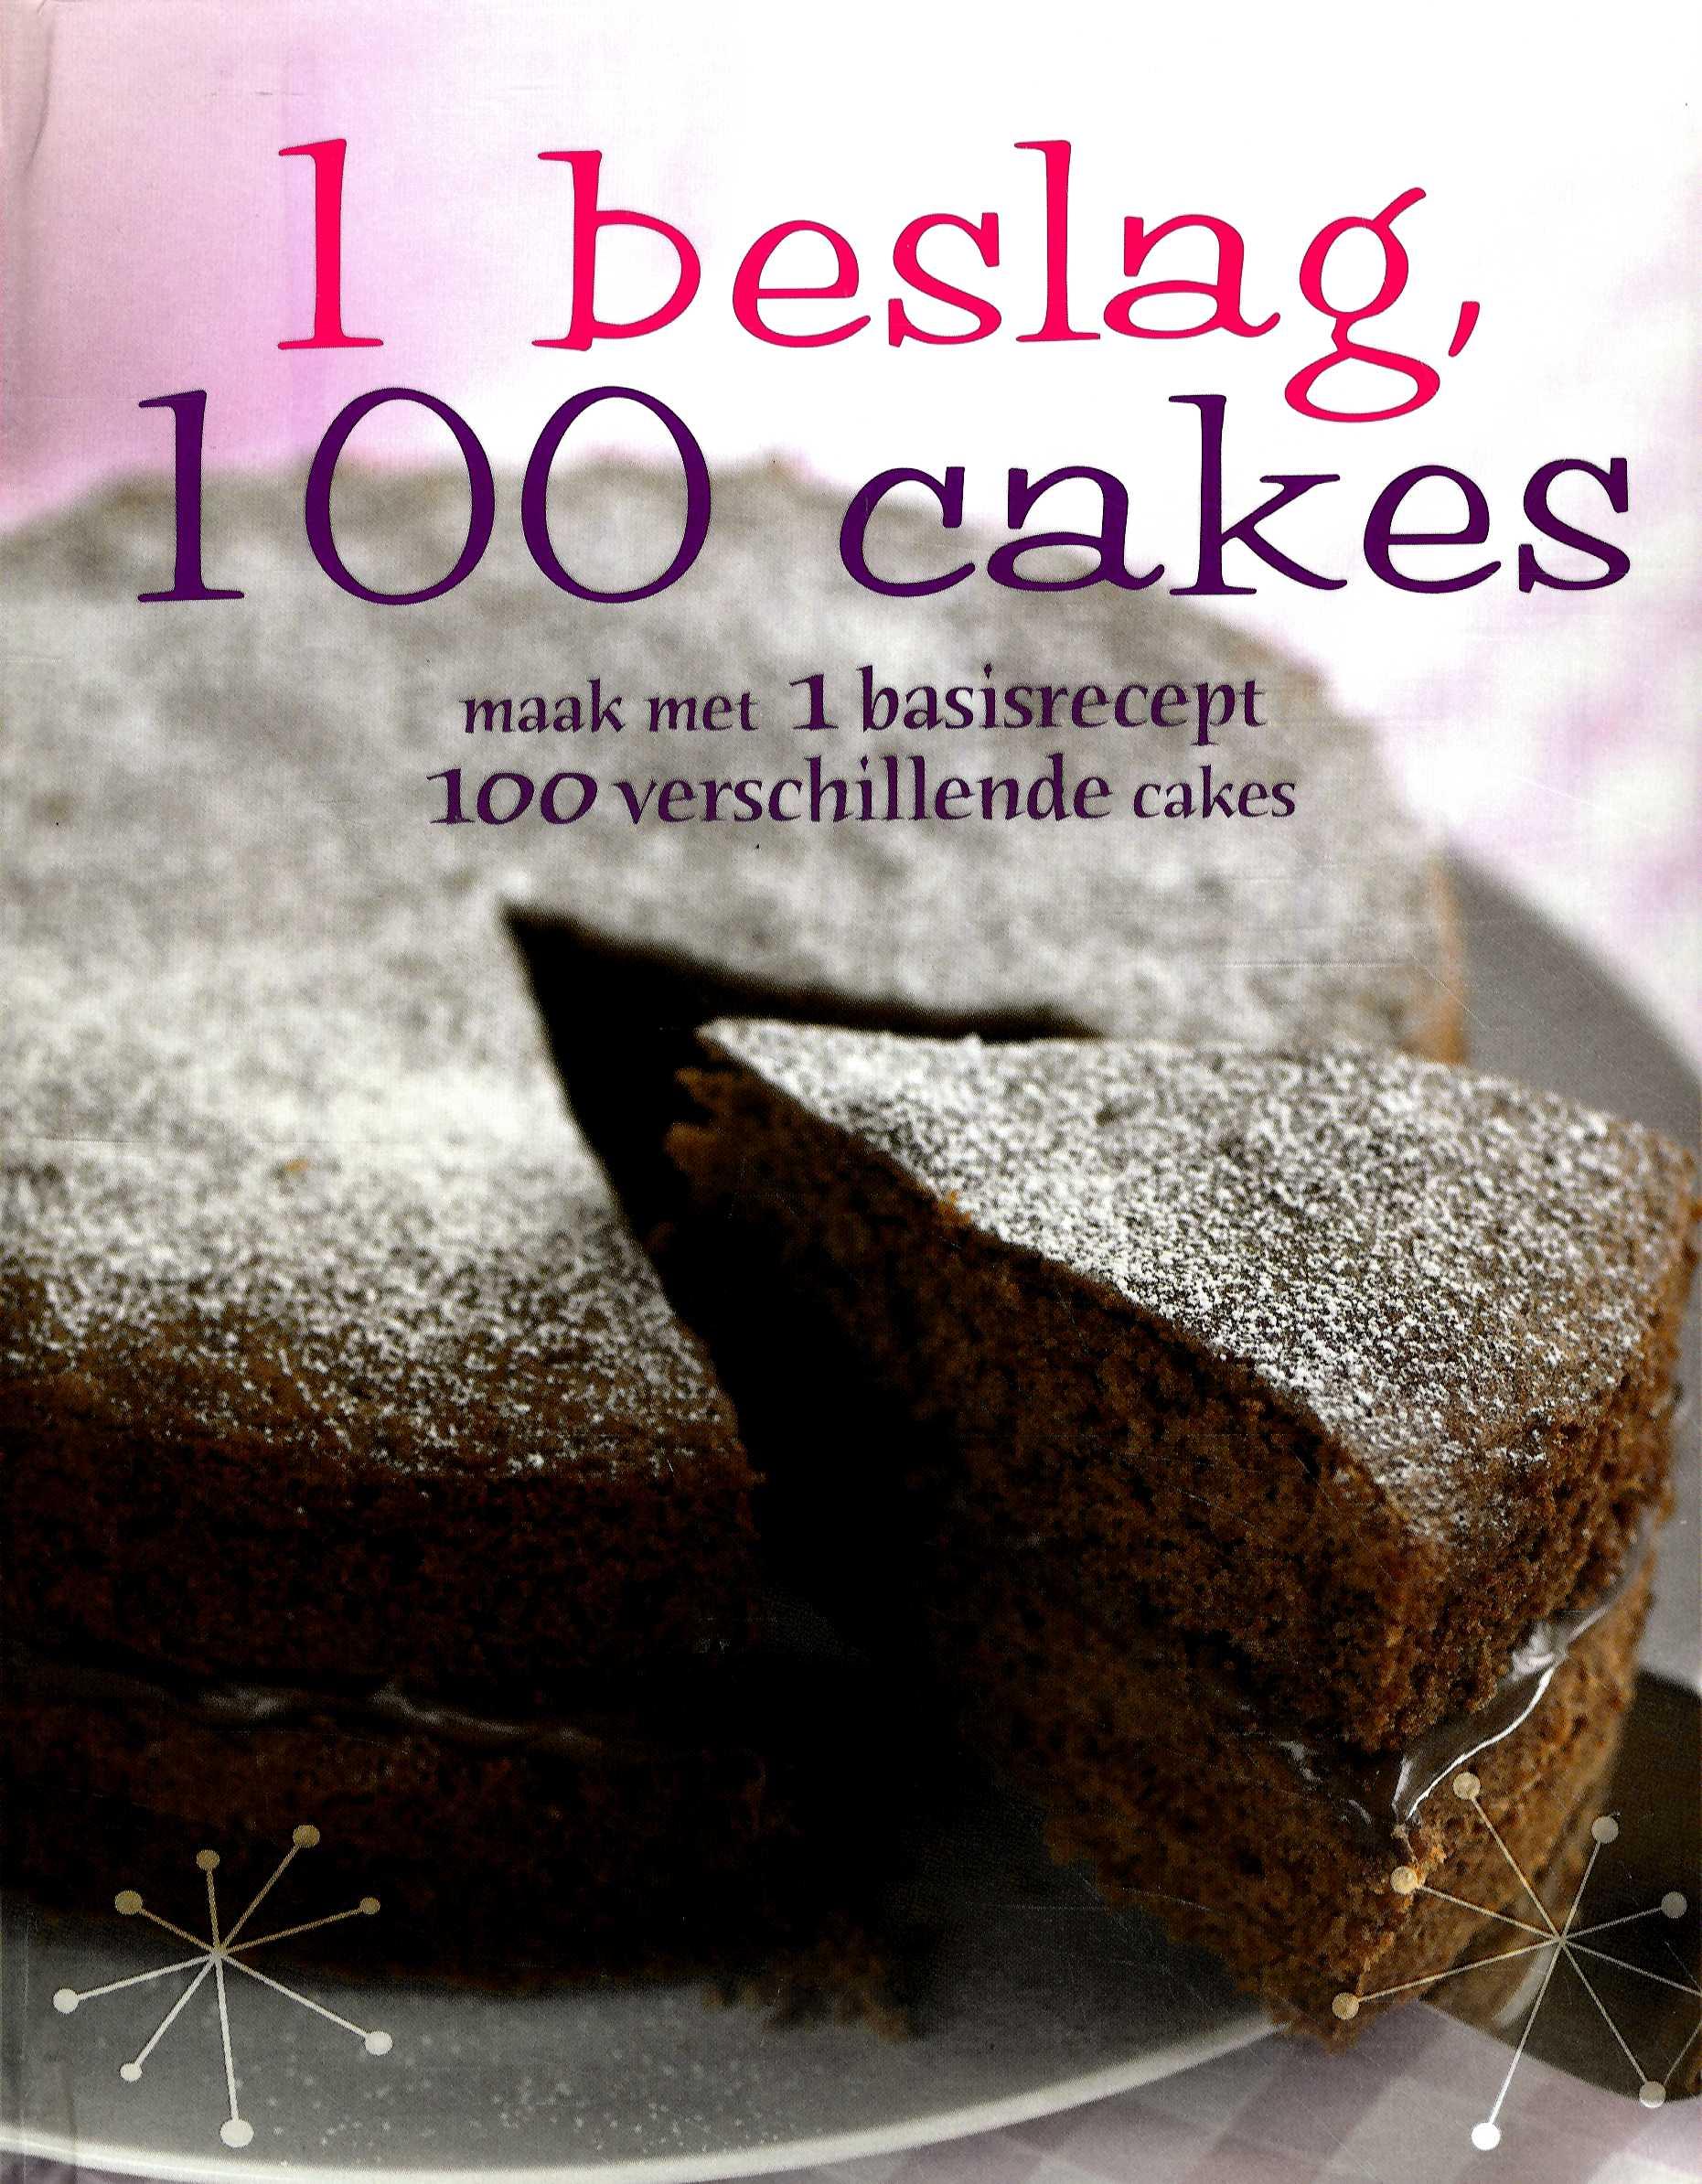 Allerlekkerste 1 deeg 100 cakes